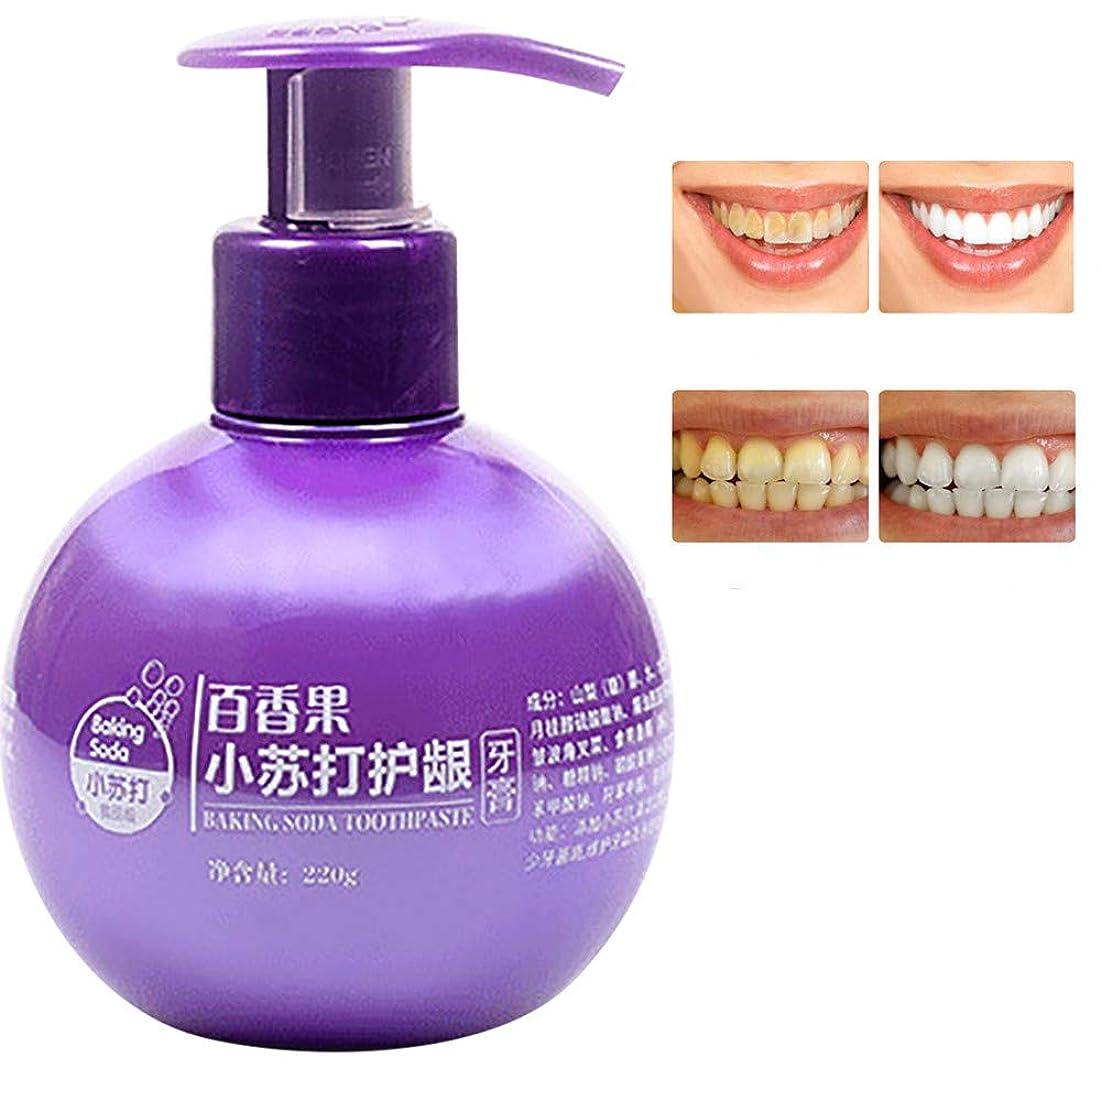 魅惑する別々にもっと少なくプレス型美白練り歯磨き[ベーキングソーダ]虫歯や歯周病を防ぐ黄色から口臭の歯磨き粉フルーティーな歯磨き粉への強力な除染歯と歯茎を強化し息を新鮮で大きな美白の歯磨き粉チューインガム薬用歯磨き粉歯周病(220g) (紫の(パッションフルーツの風味))